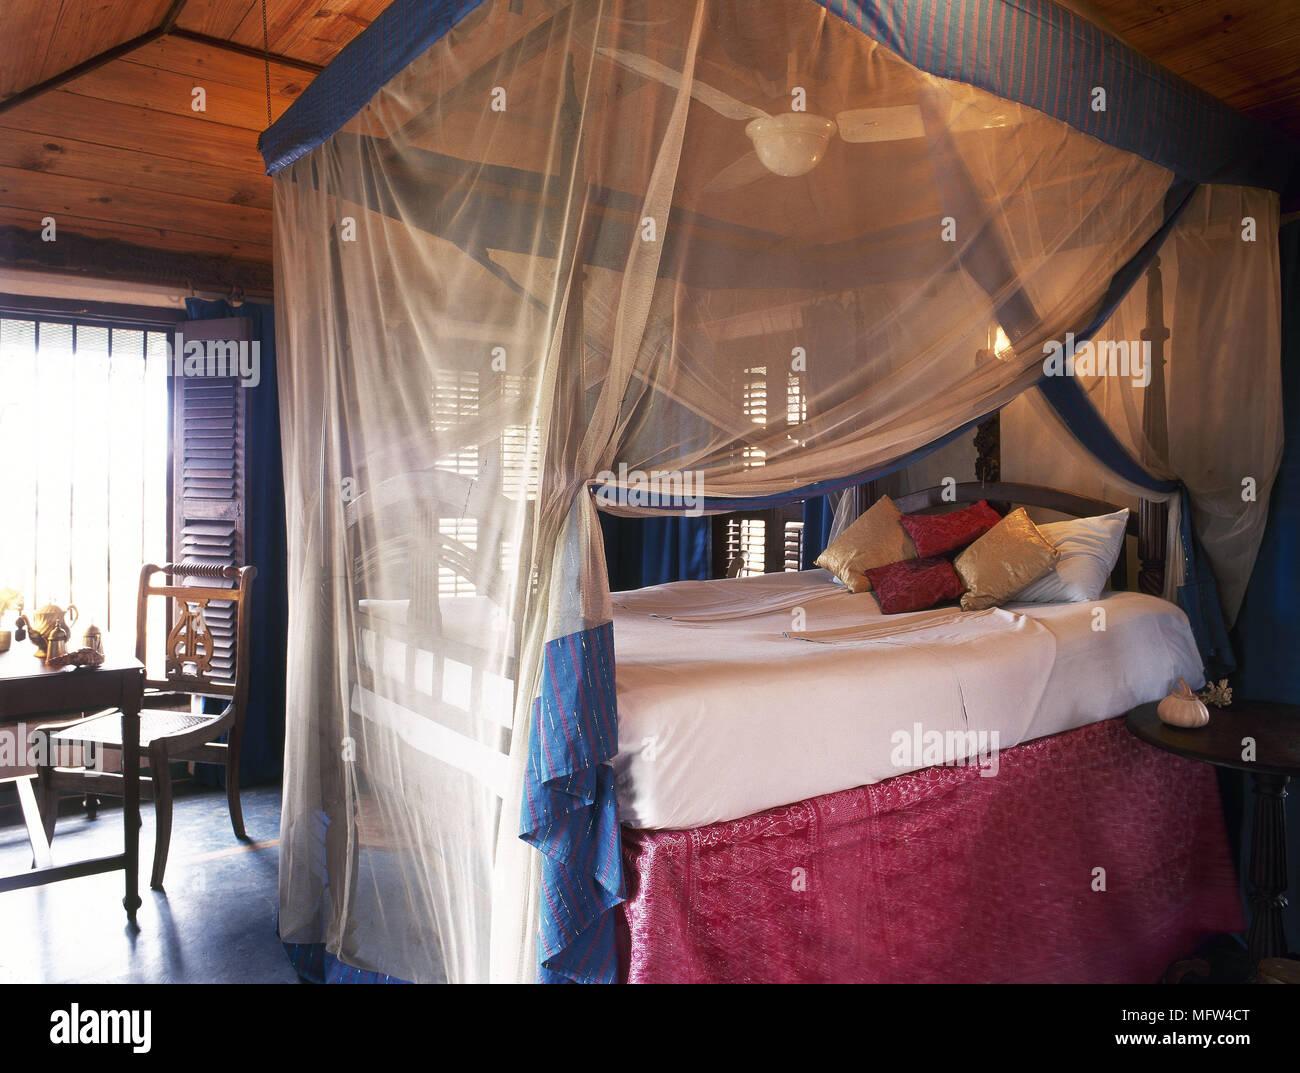 Camera Da Letto Stile Marocco : Stile arabo camera da letto con zanzariera sopra il letto e il